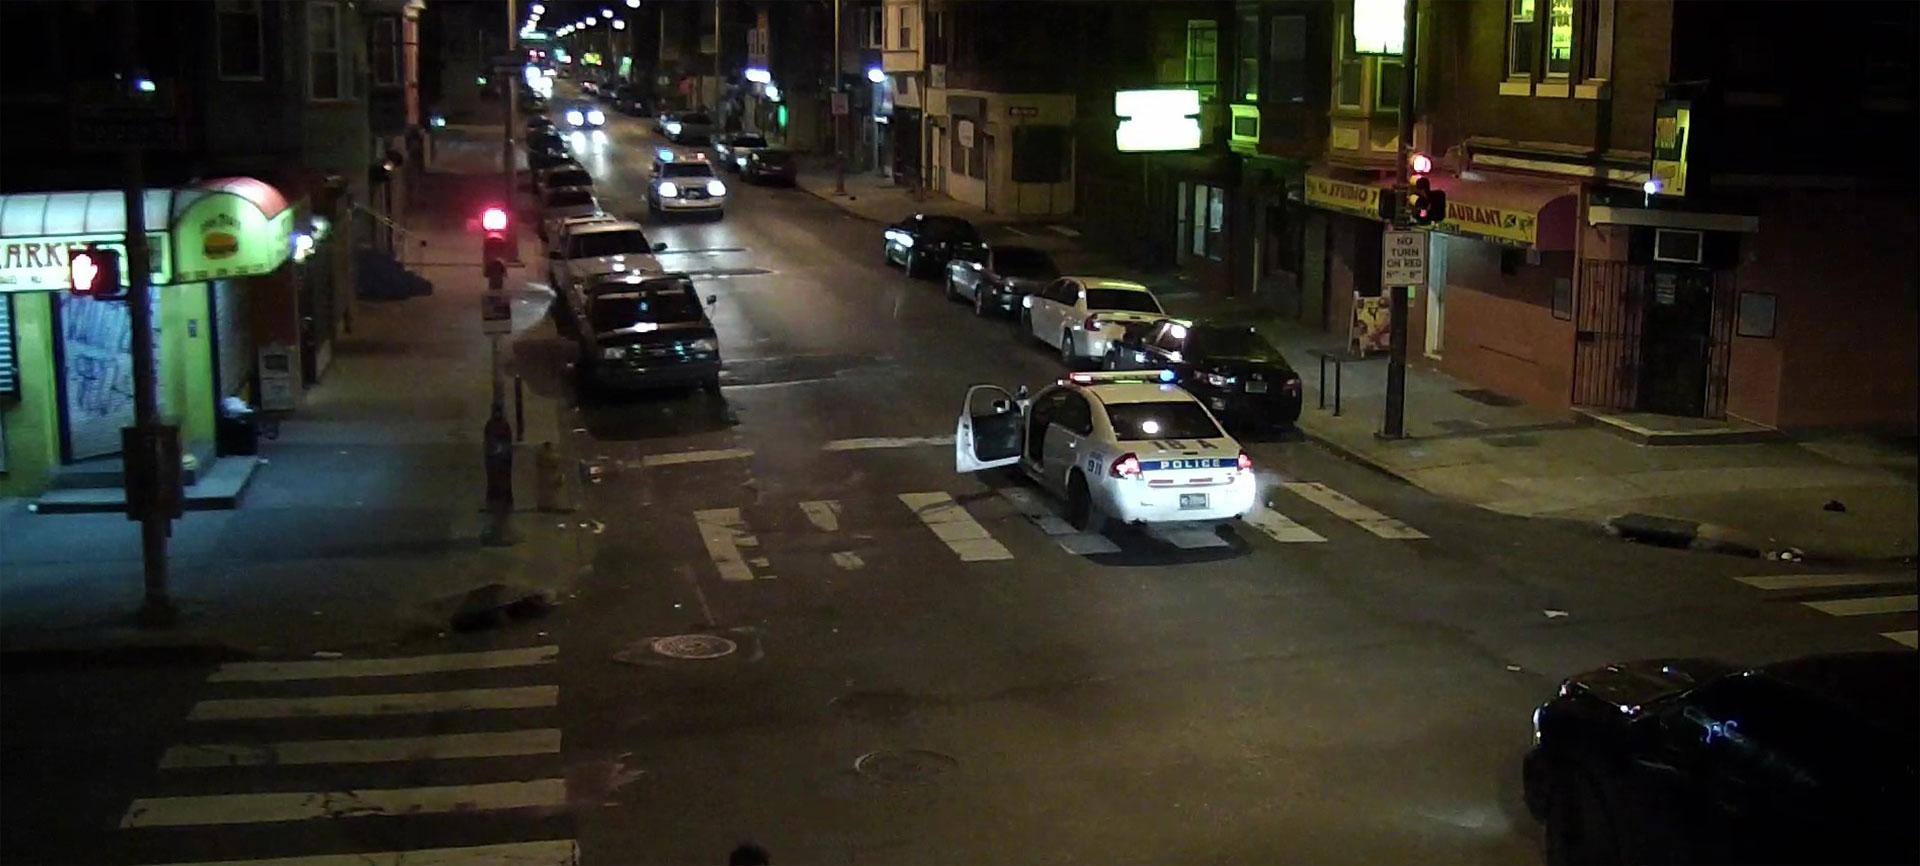 El oficial herido recibió tres impacto de bala en el brazo izquierdo